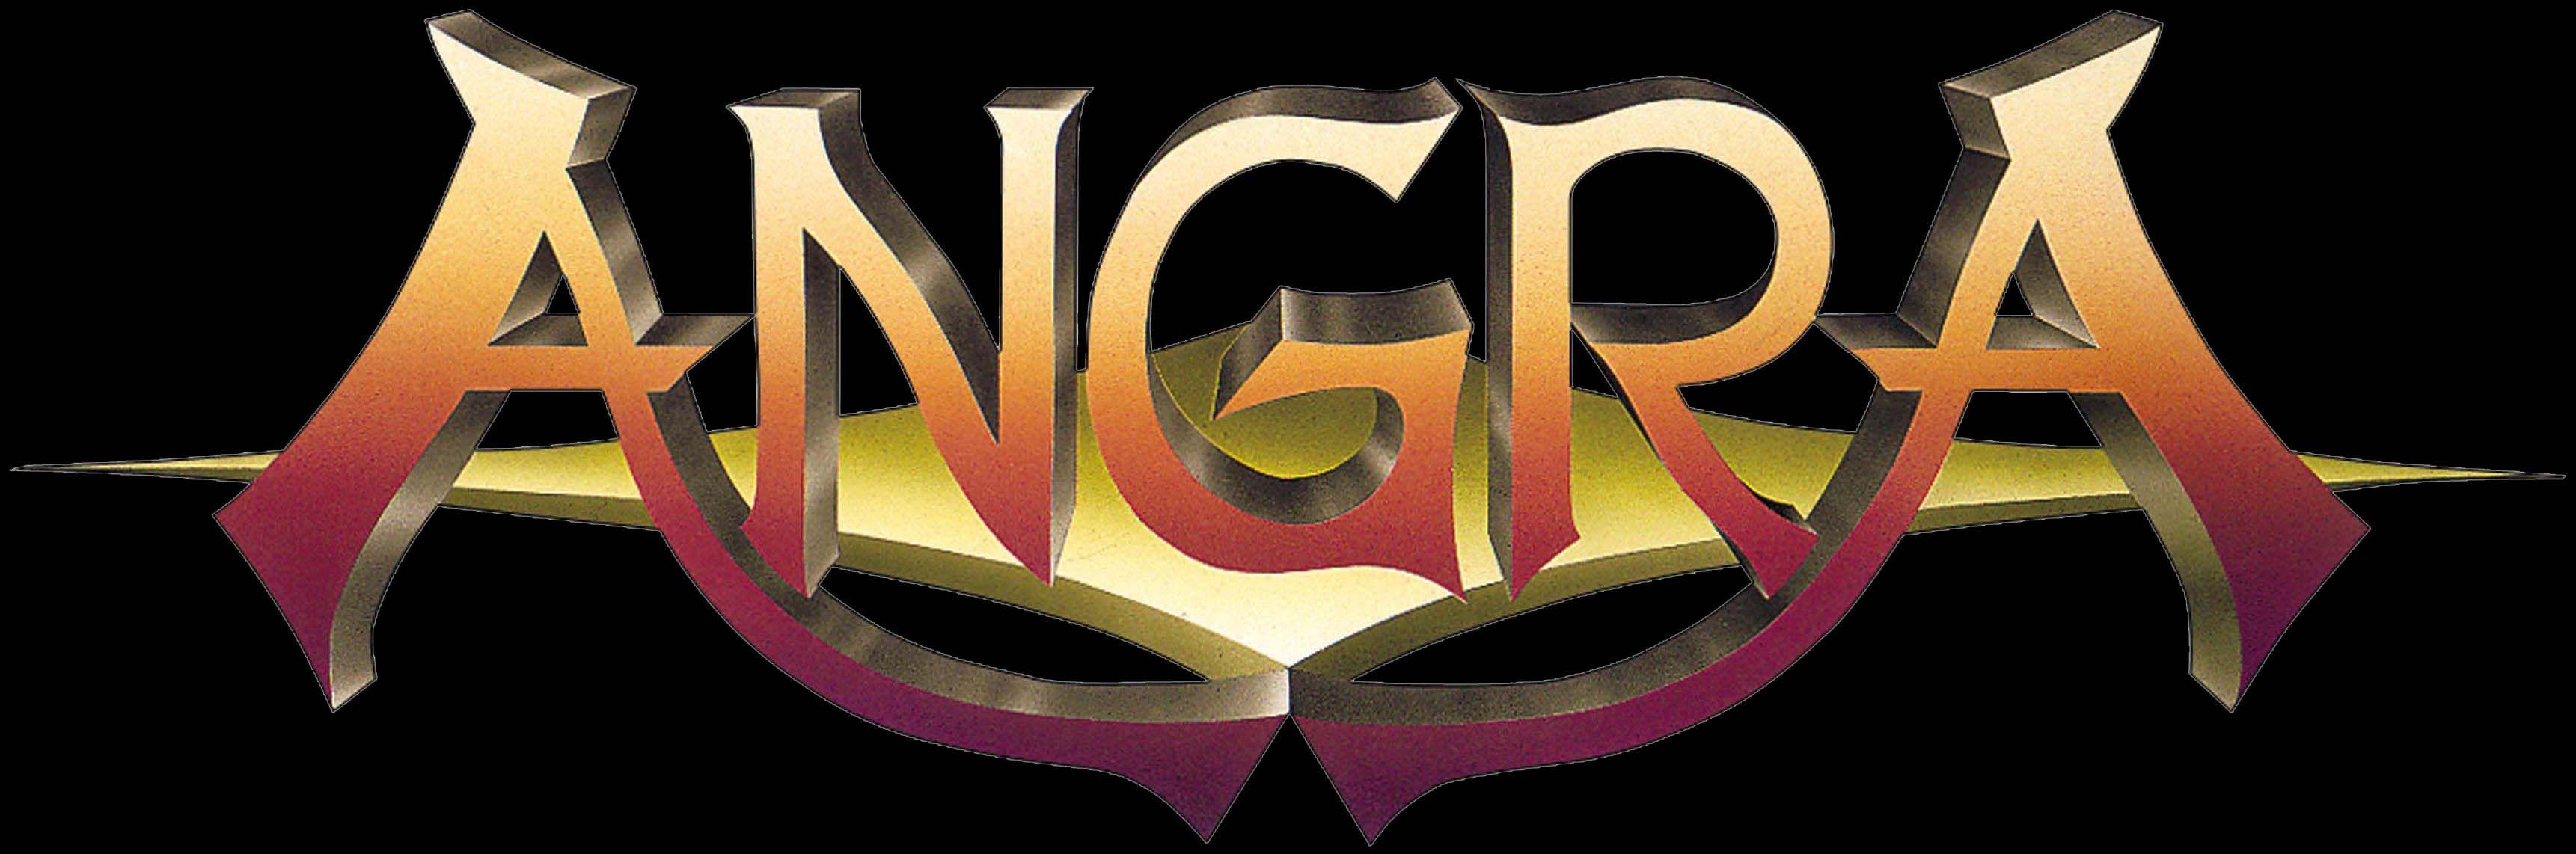 The animals band logo scorpions band logo - Explore Band Logos Rock Bands And More